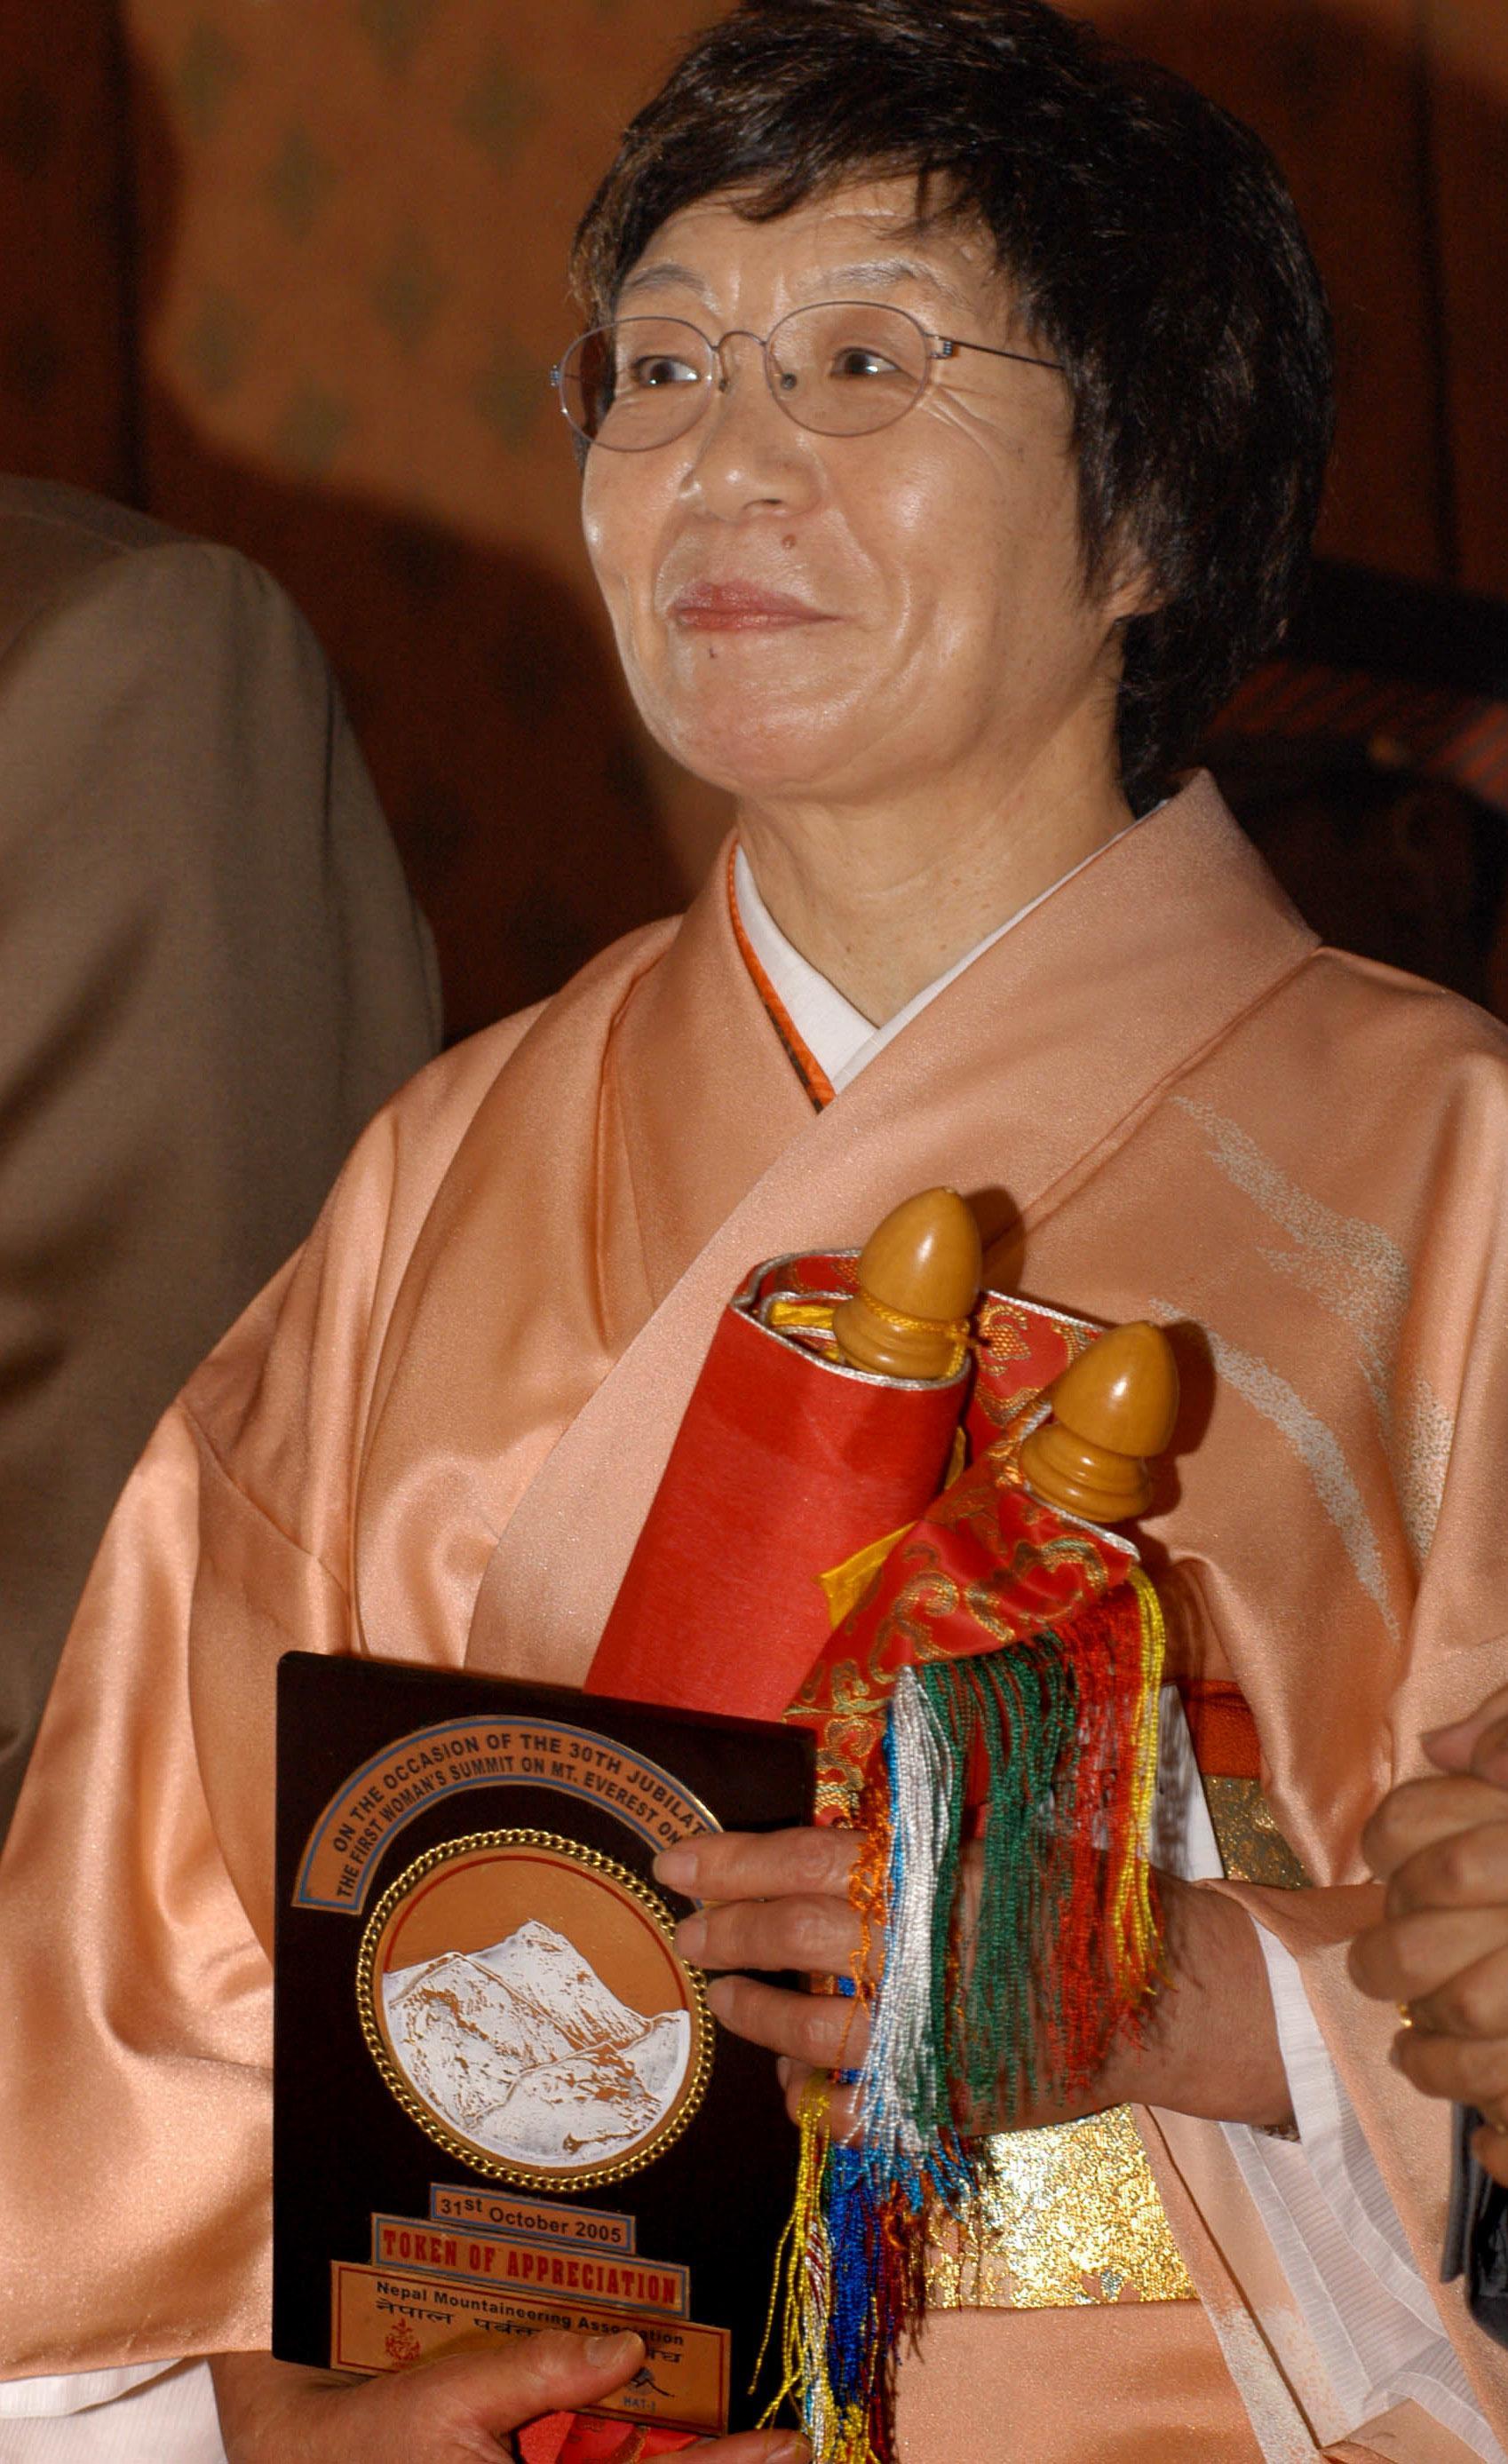 junko tabei - photo #13